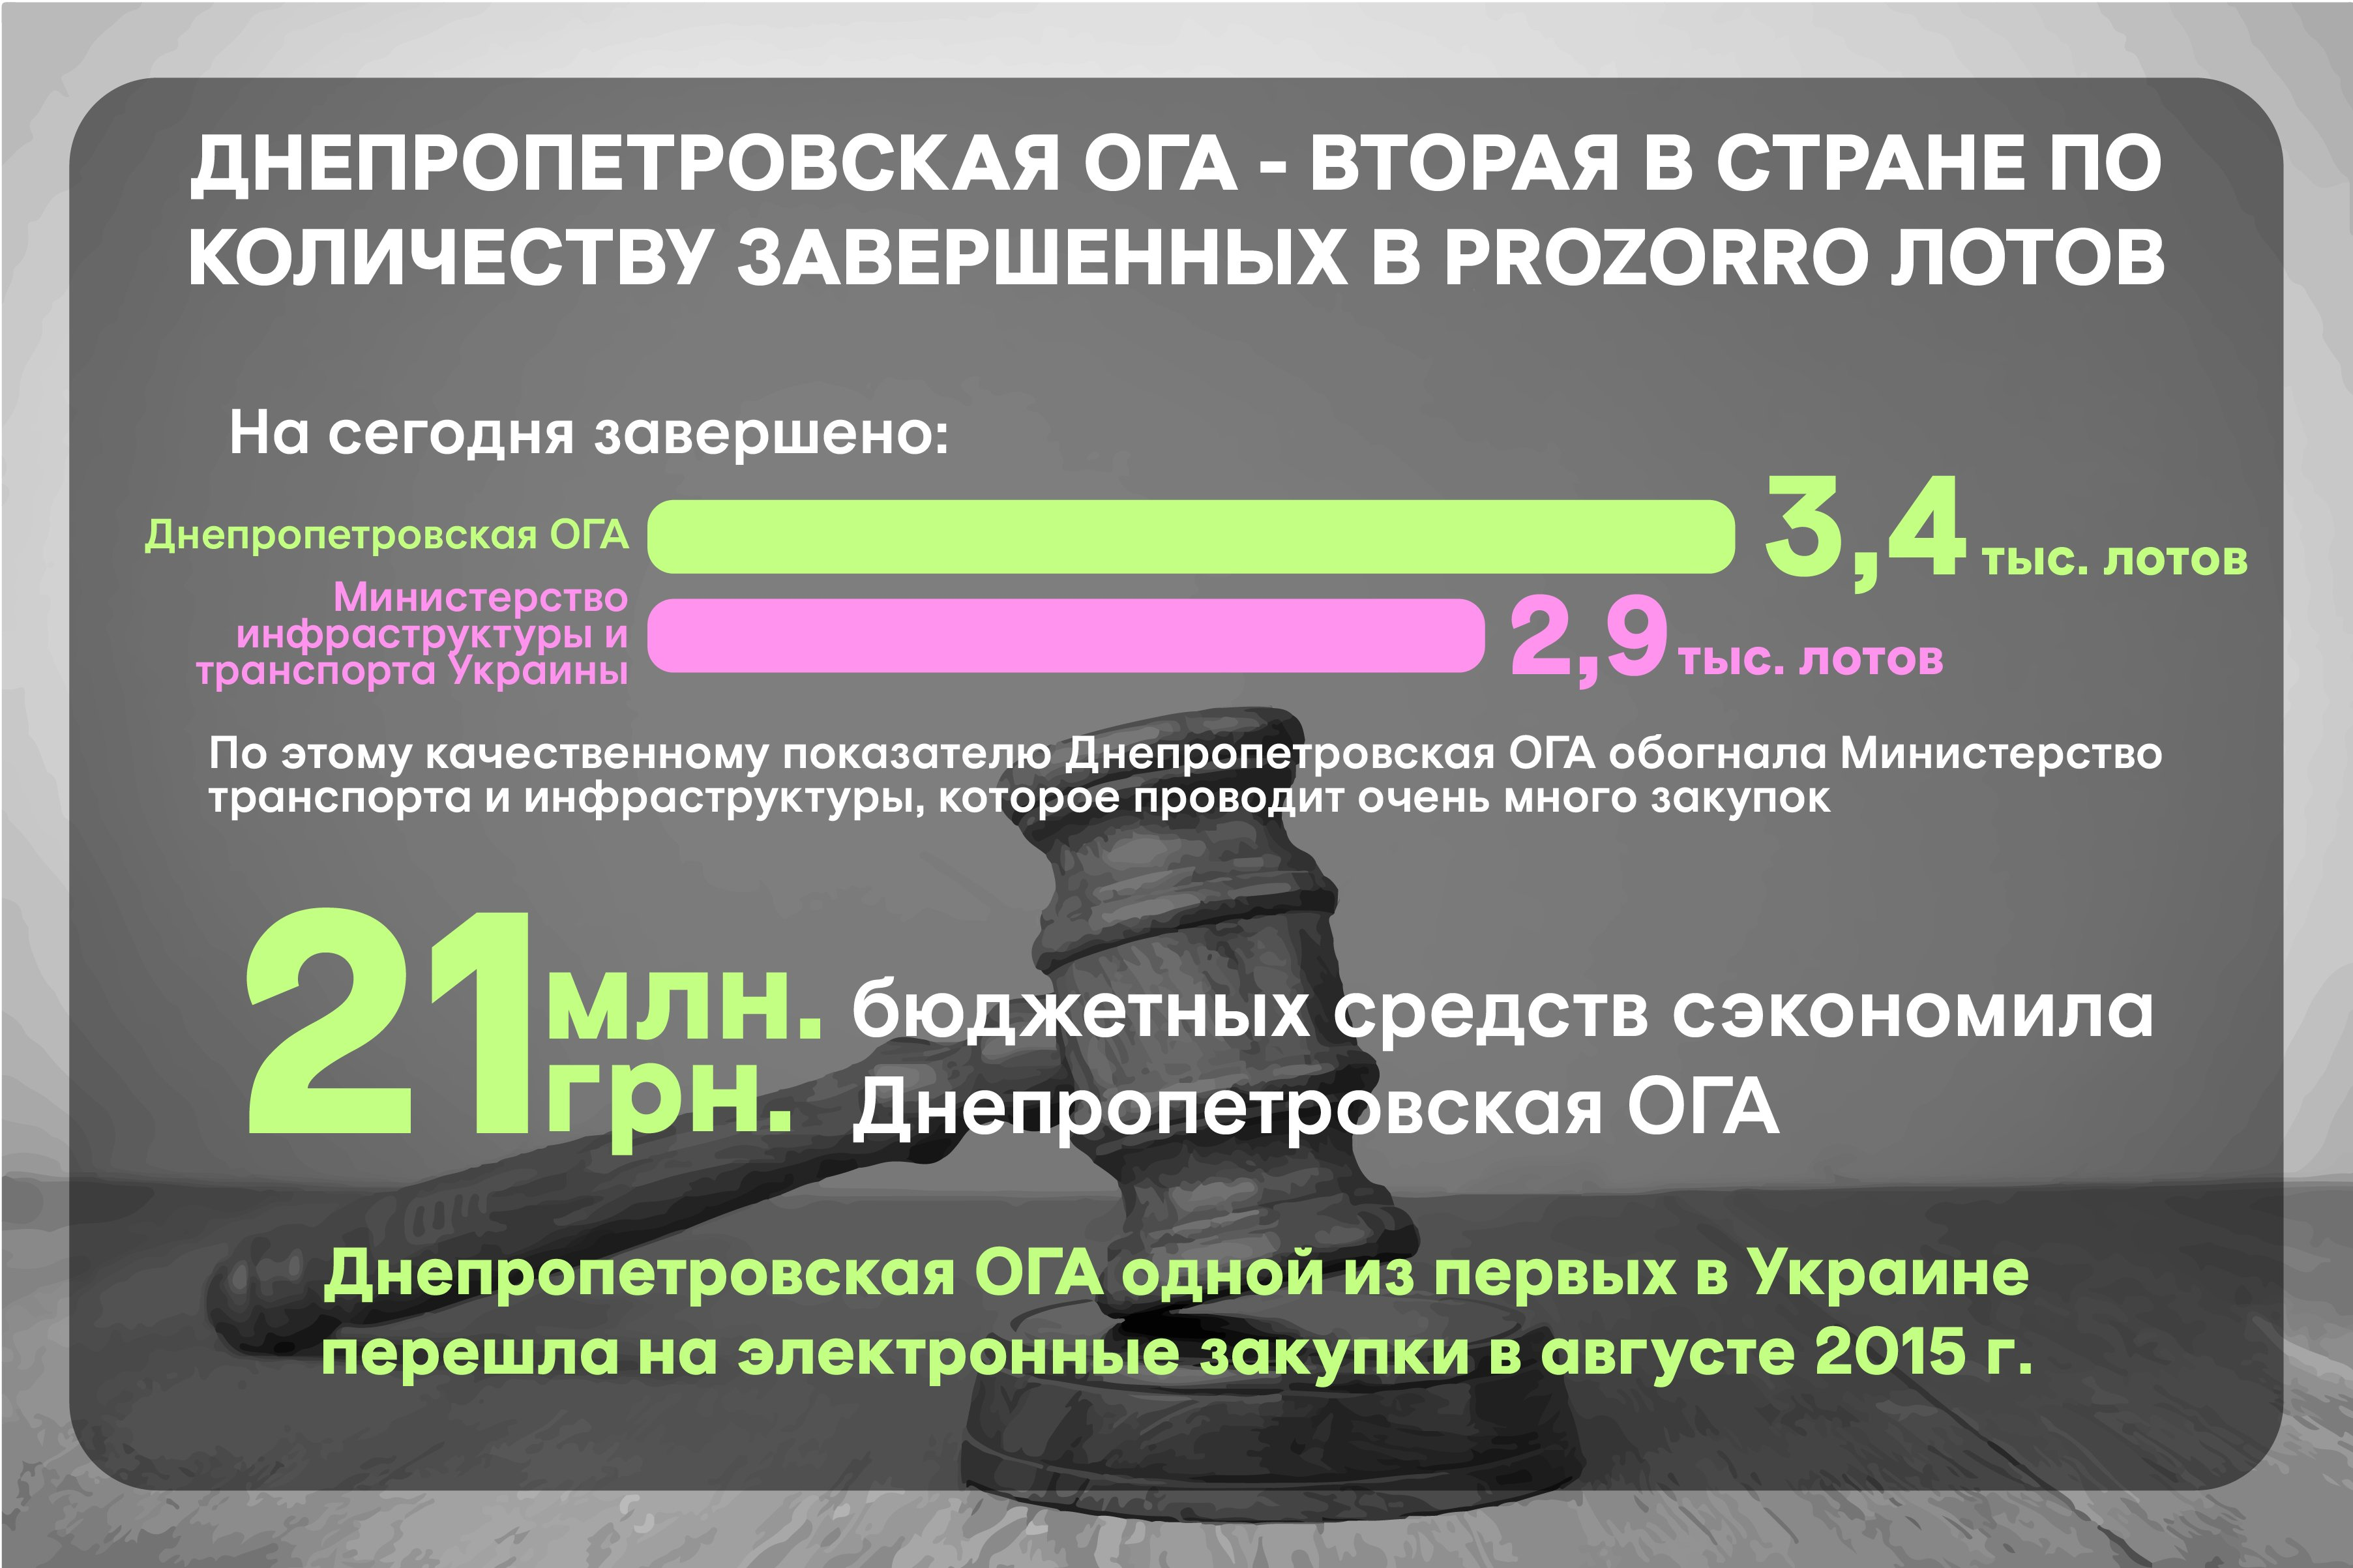 prozorro_рус_01-01